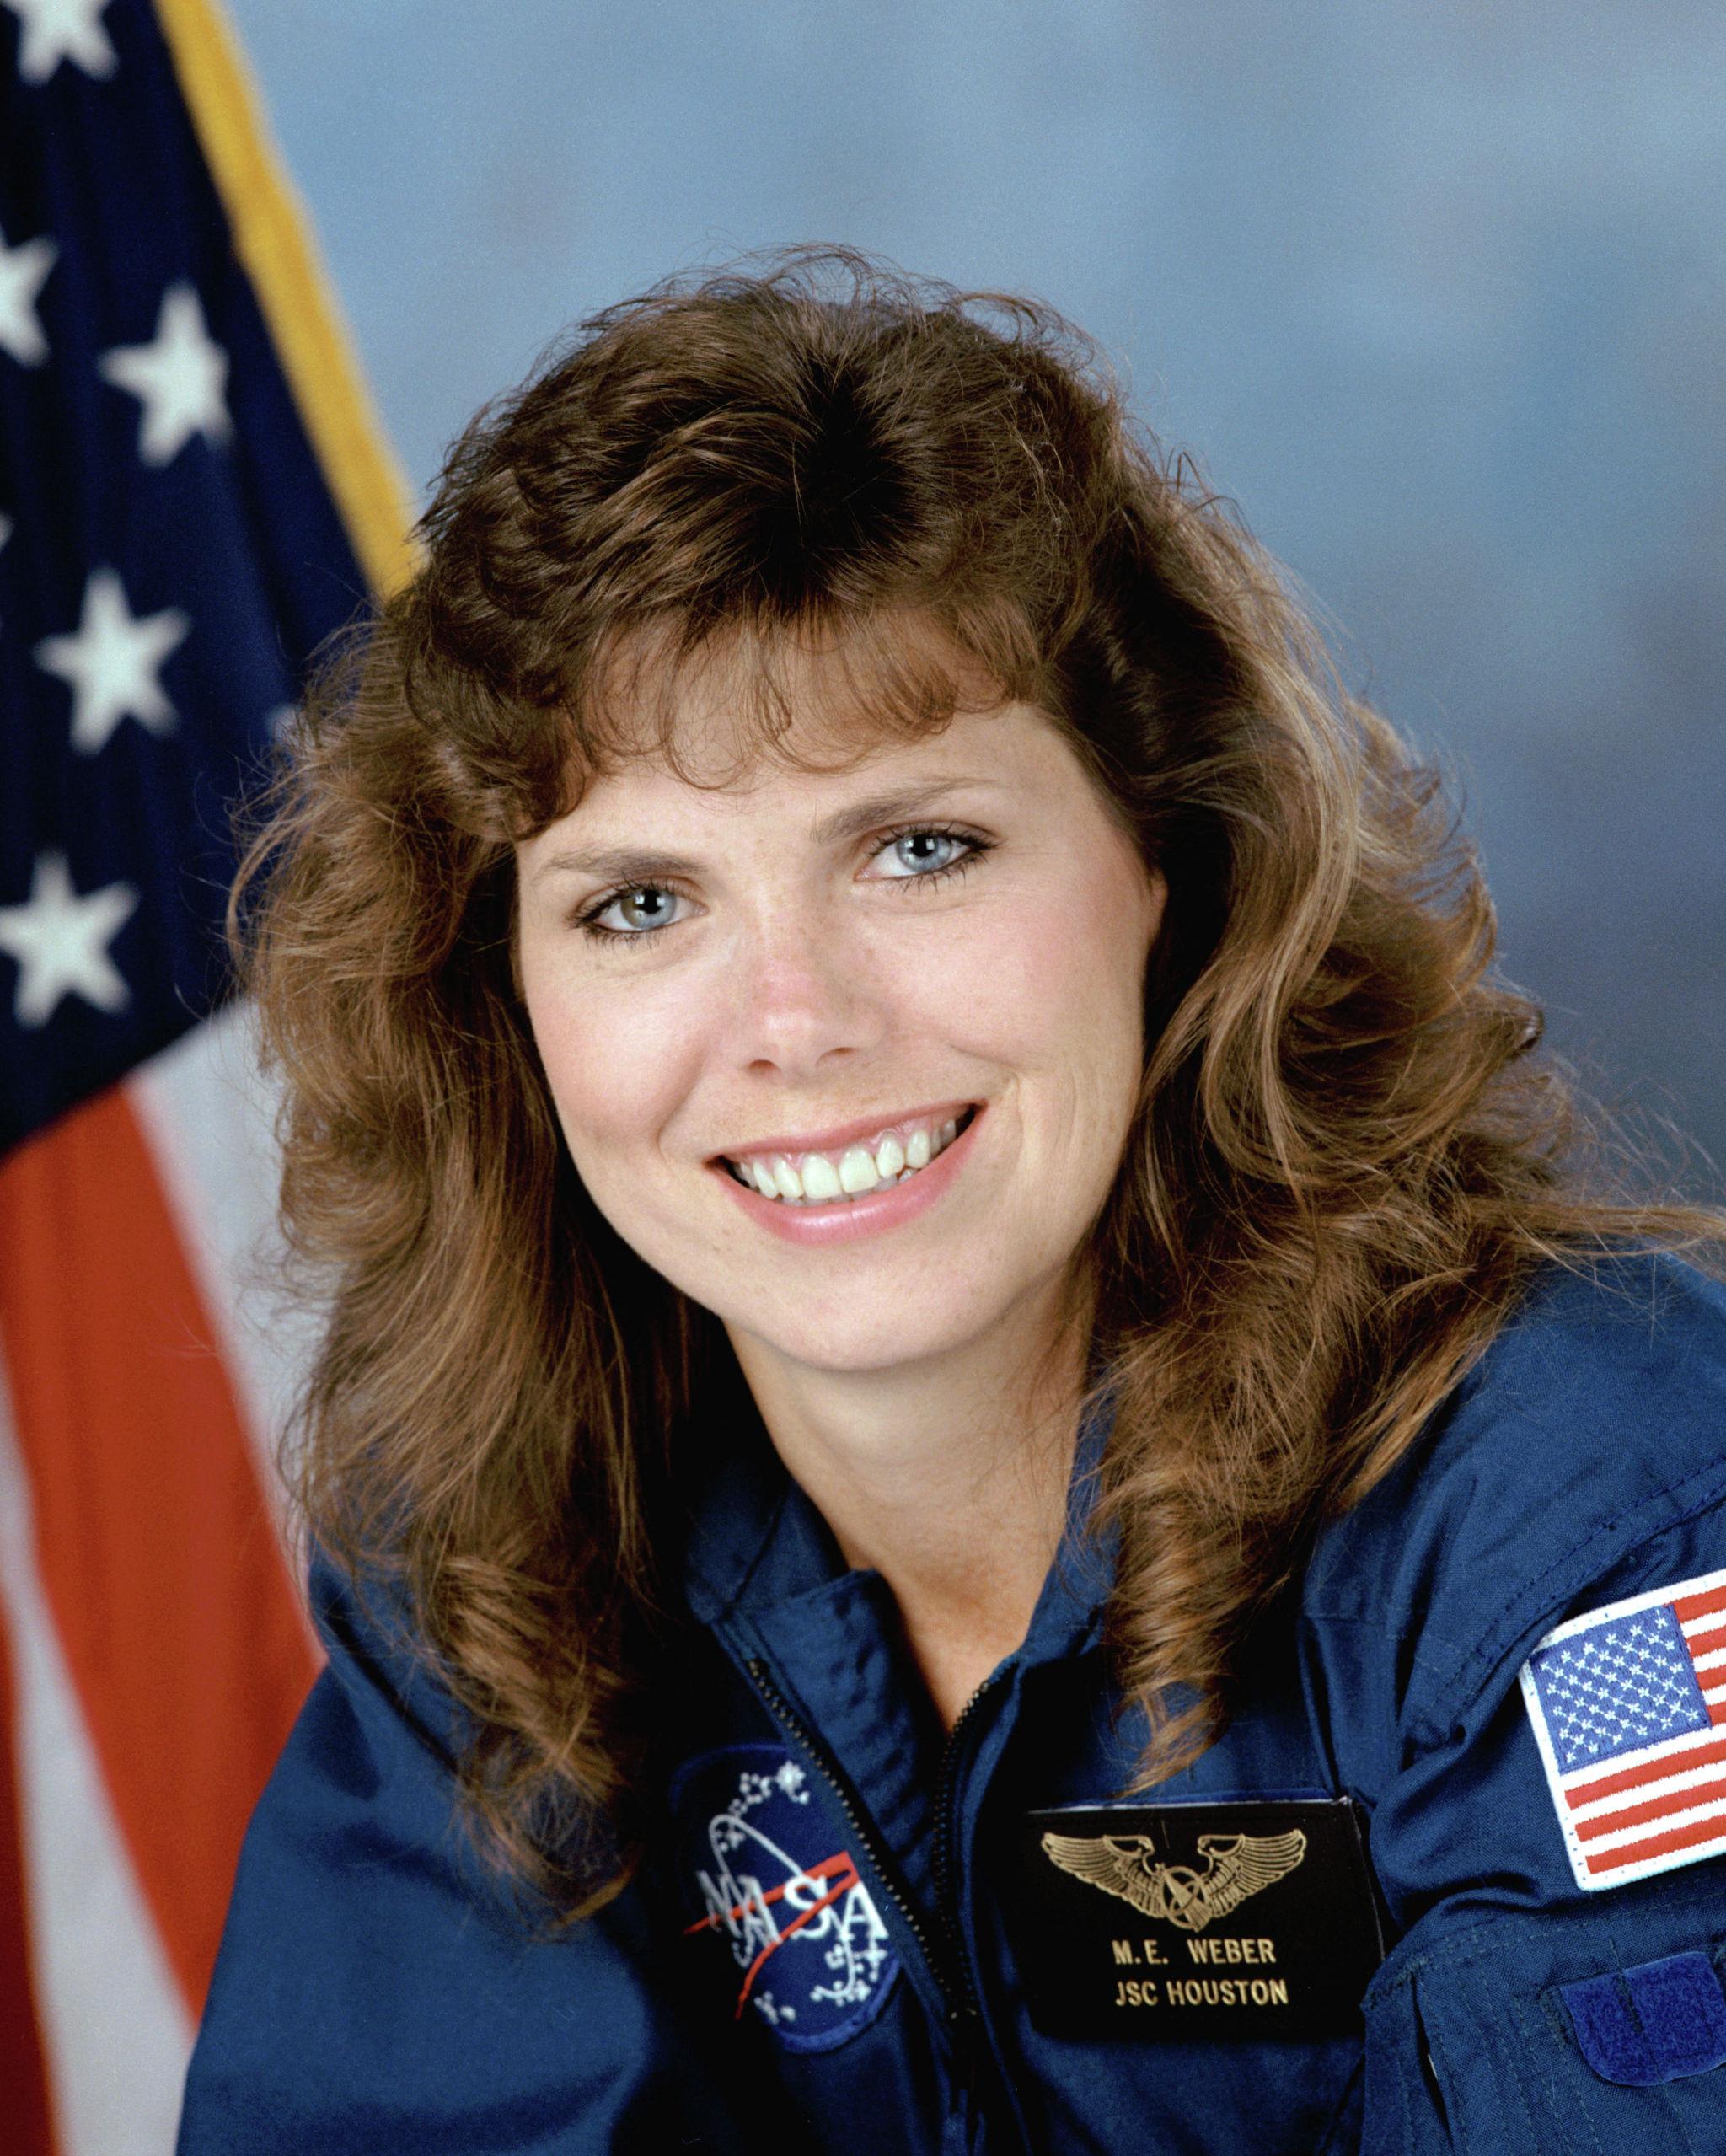 Мэри Эллен Вебер дважды побывала в космосе